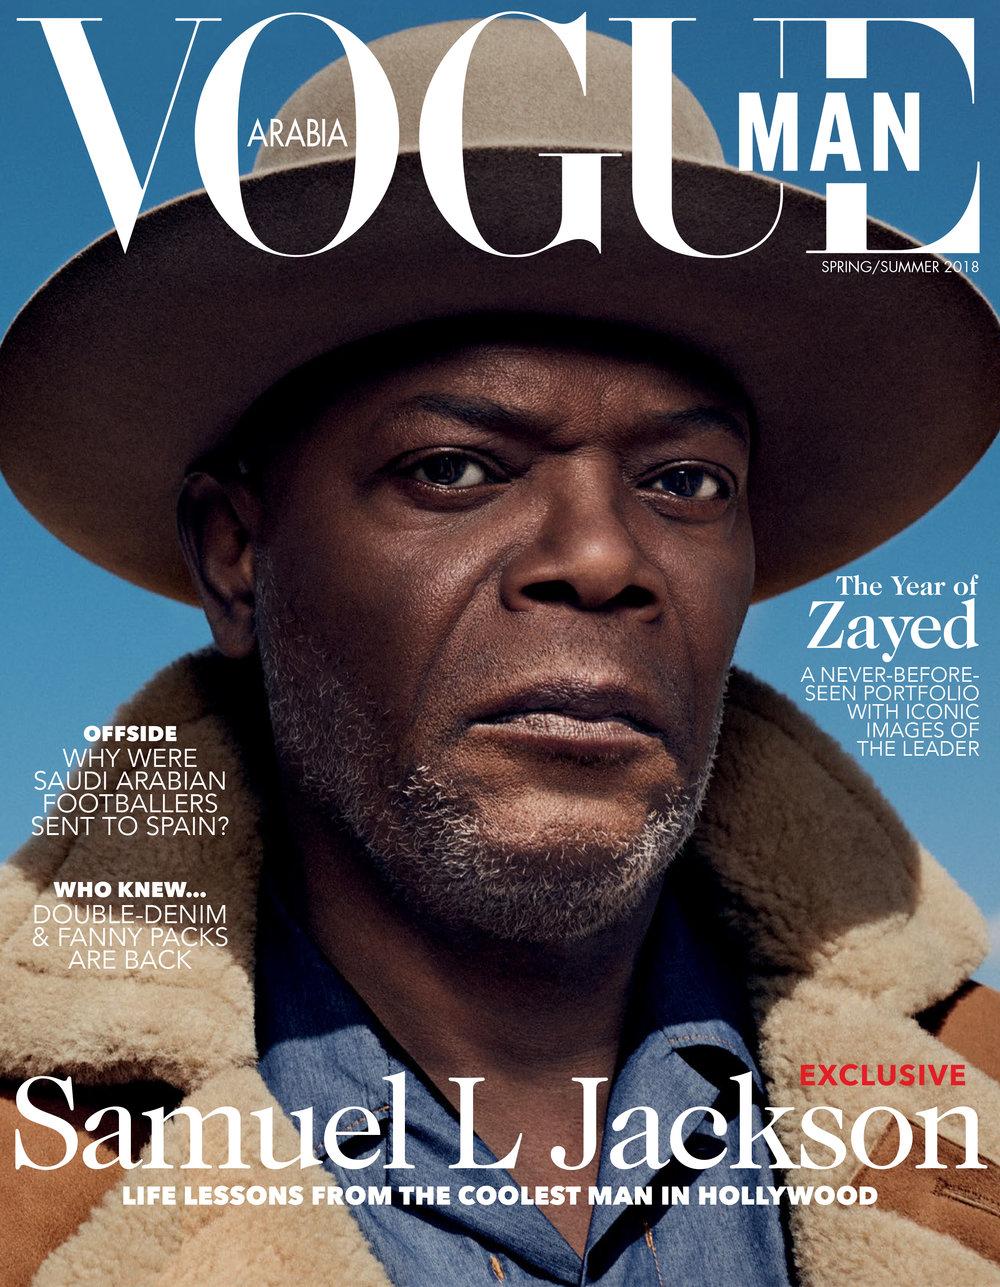 VOGUE MAN // Samuel Jackson // Michael Schwartz